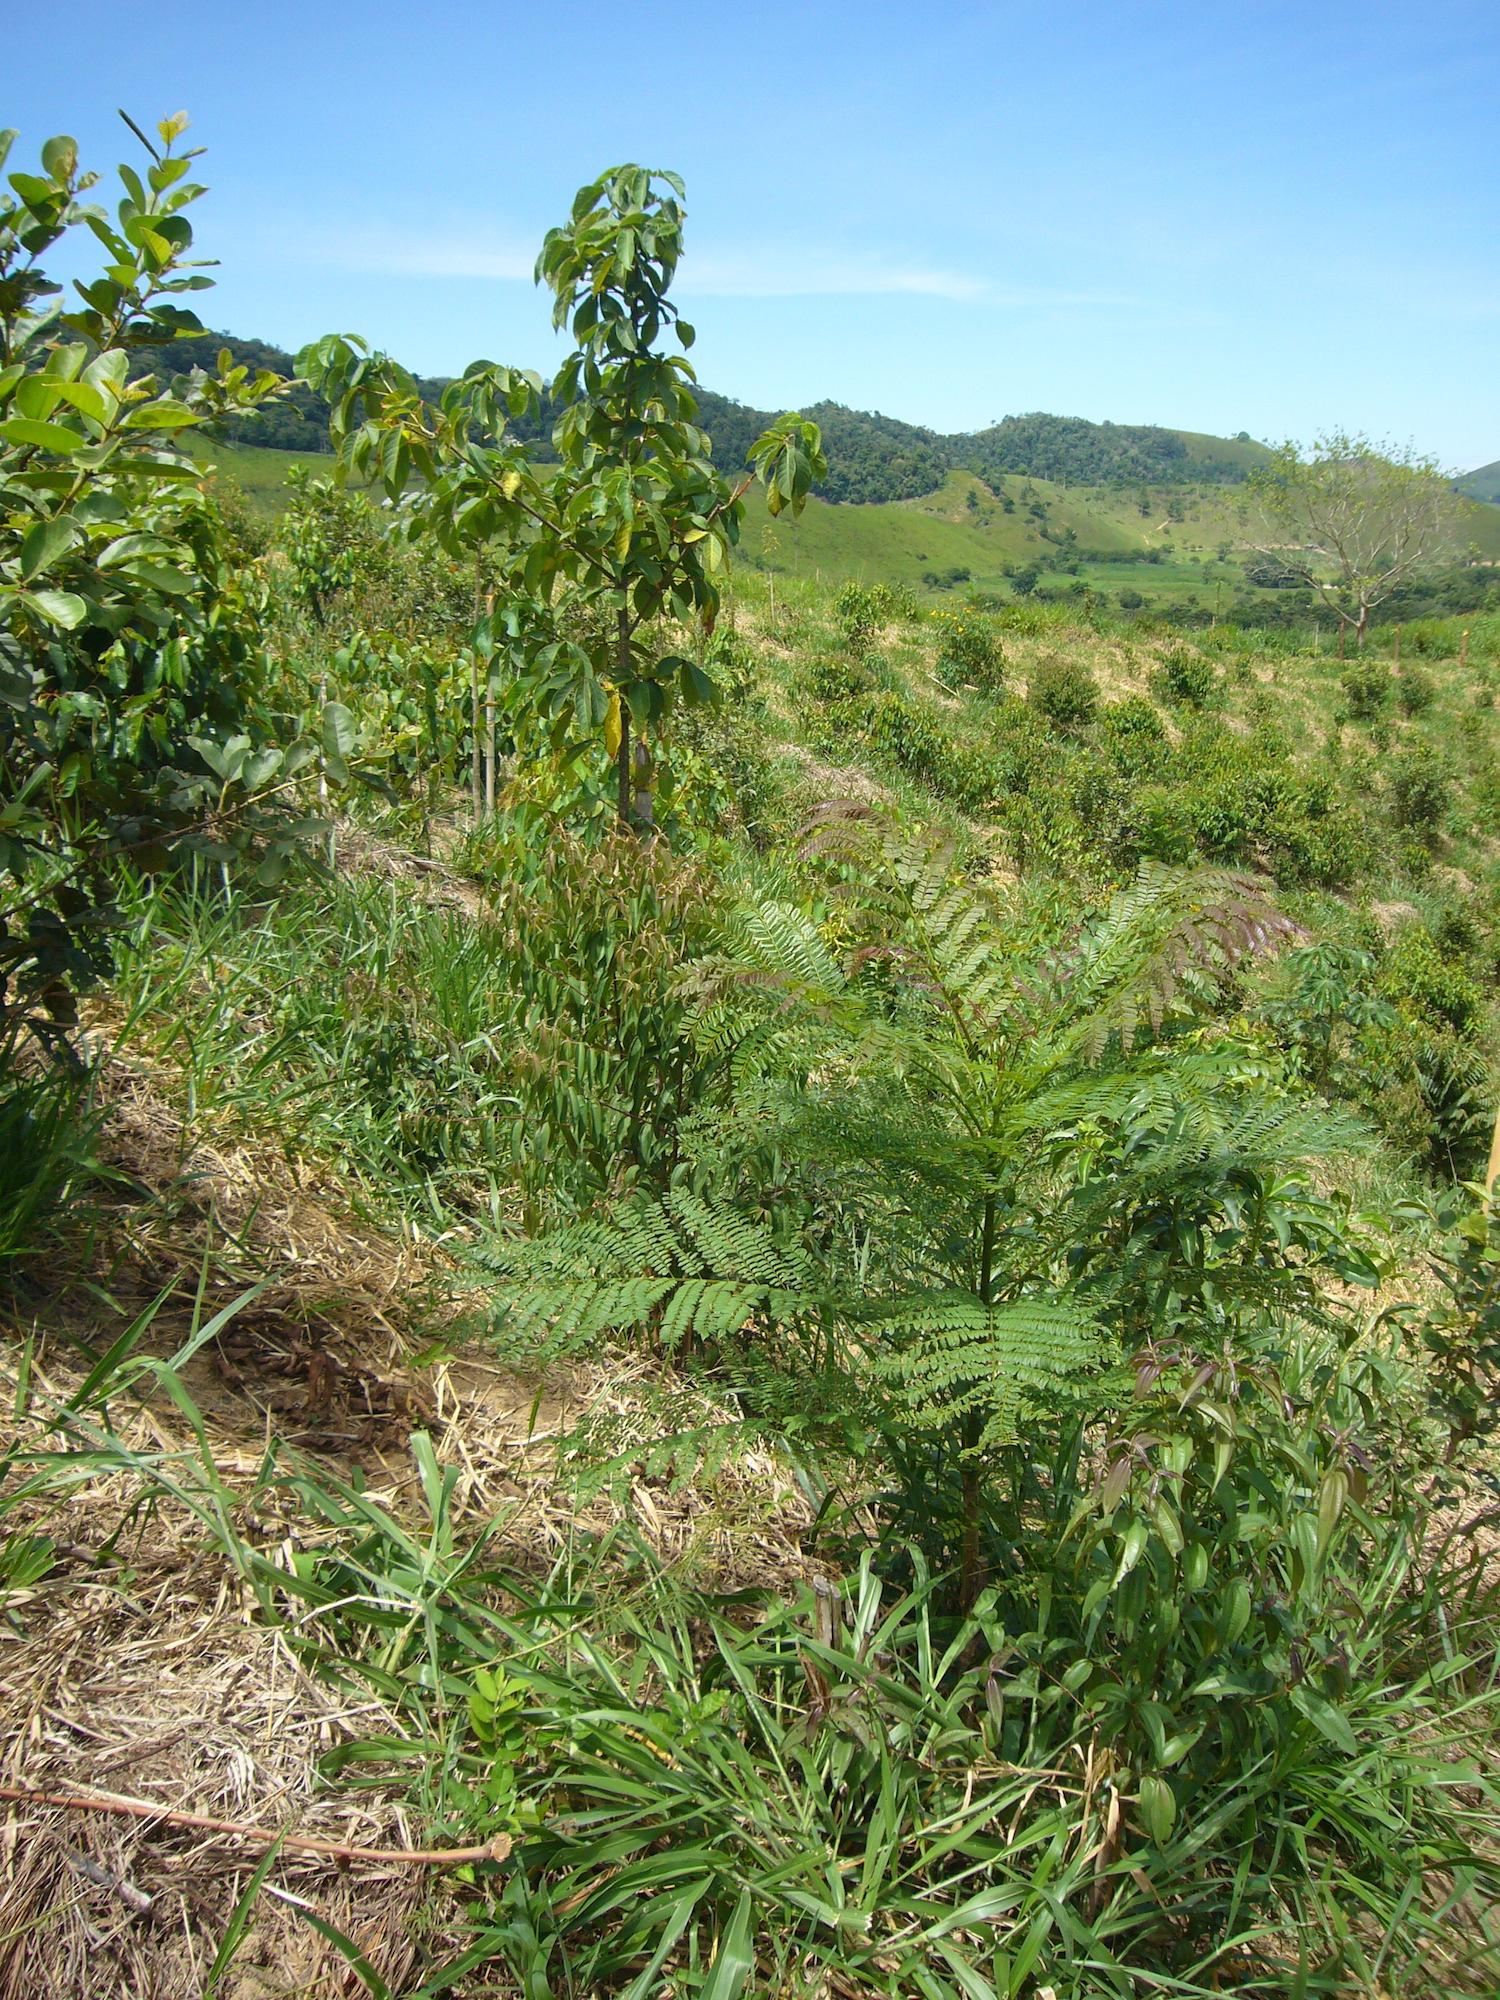 Bosque en proceso de restauración, Maceo, Antioquia. Foto: Zoraida Calle.